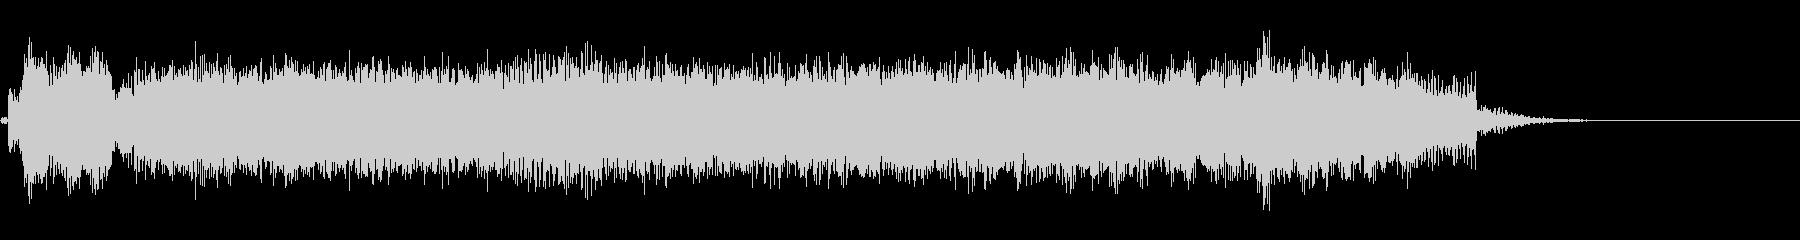 ヘビーギターによる場面転換音の未再生の波形